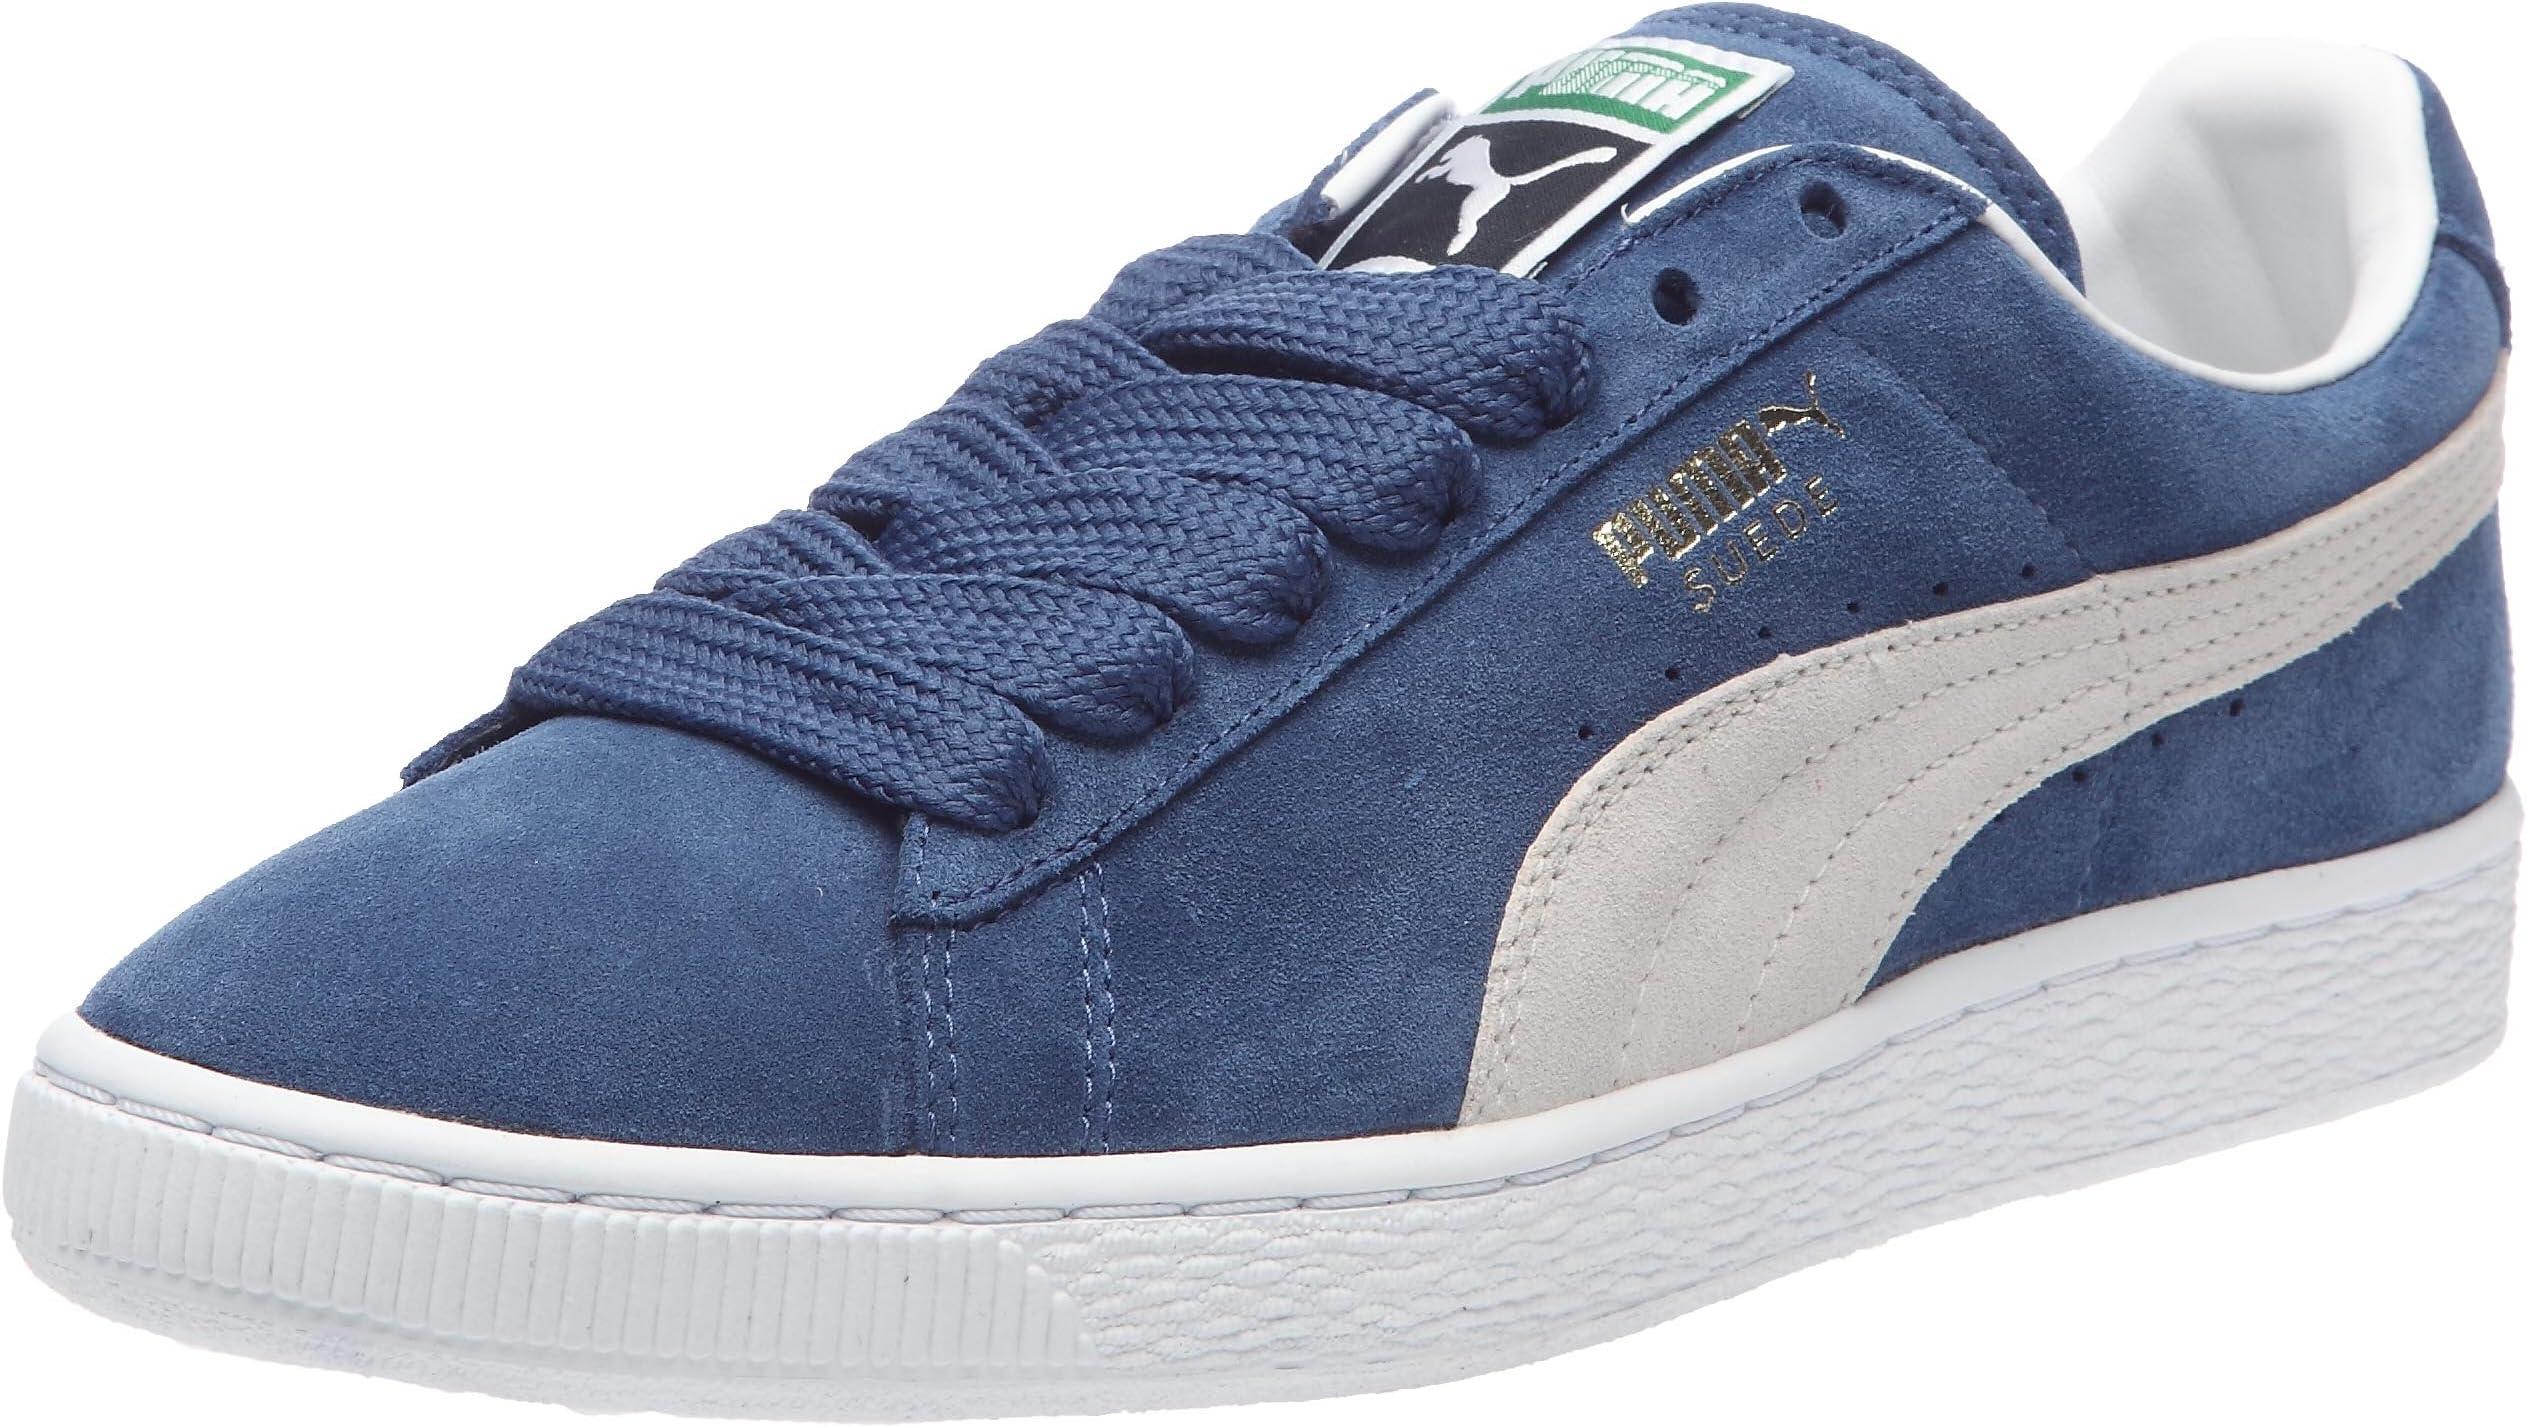 Puma Suede-Classic+ Sneaker price in